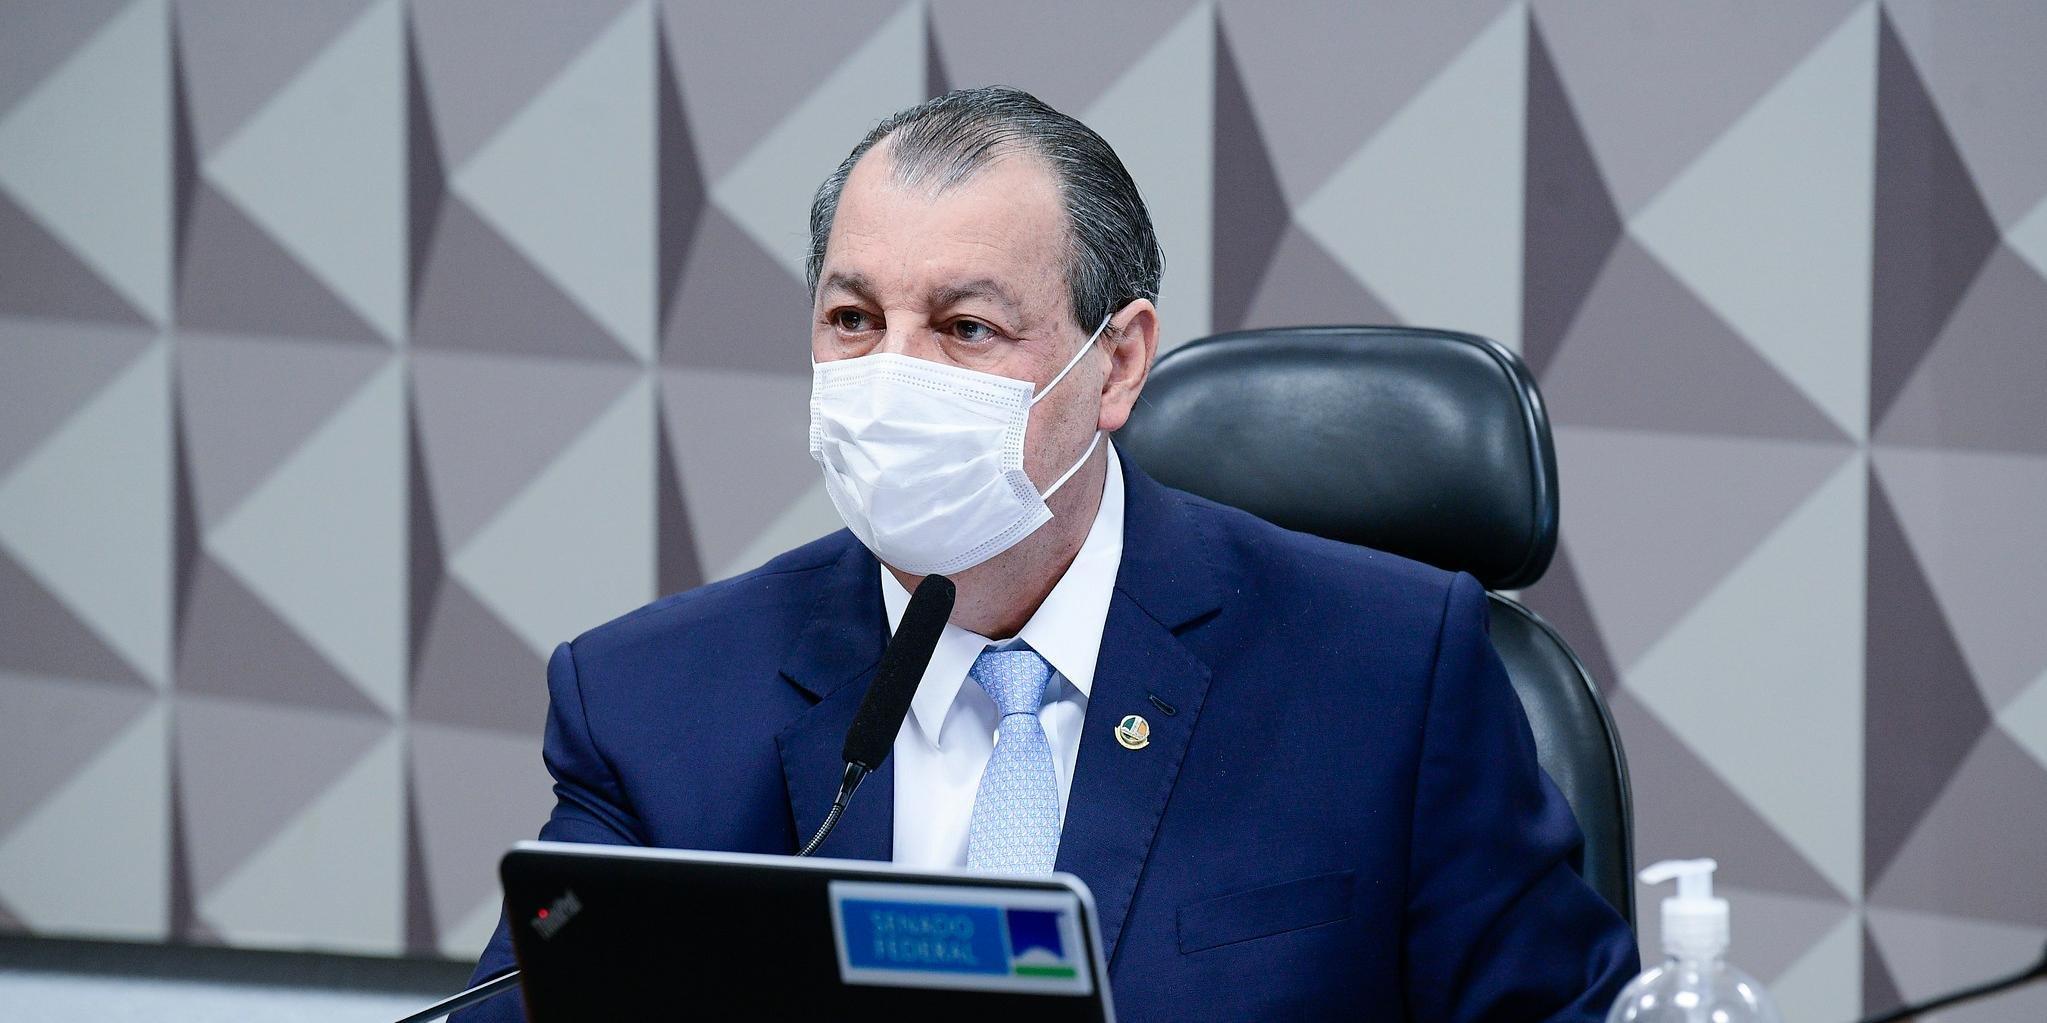 Presidente da CPI disse que não há tempo para ouvir Queiroga novamente e que Jair Renan é apenas um